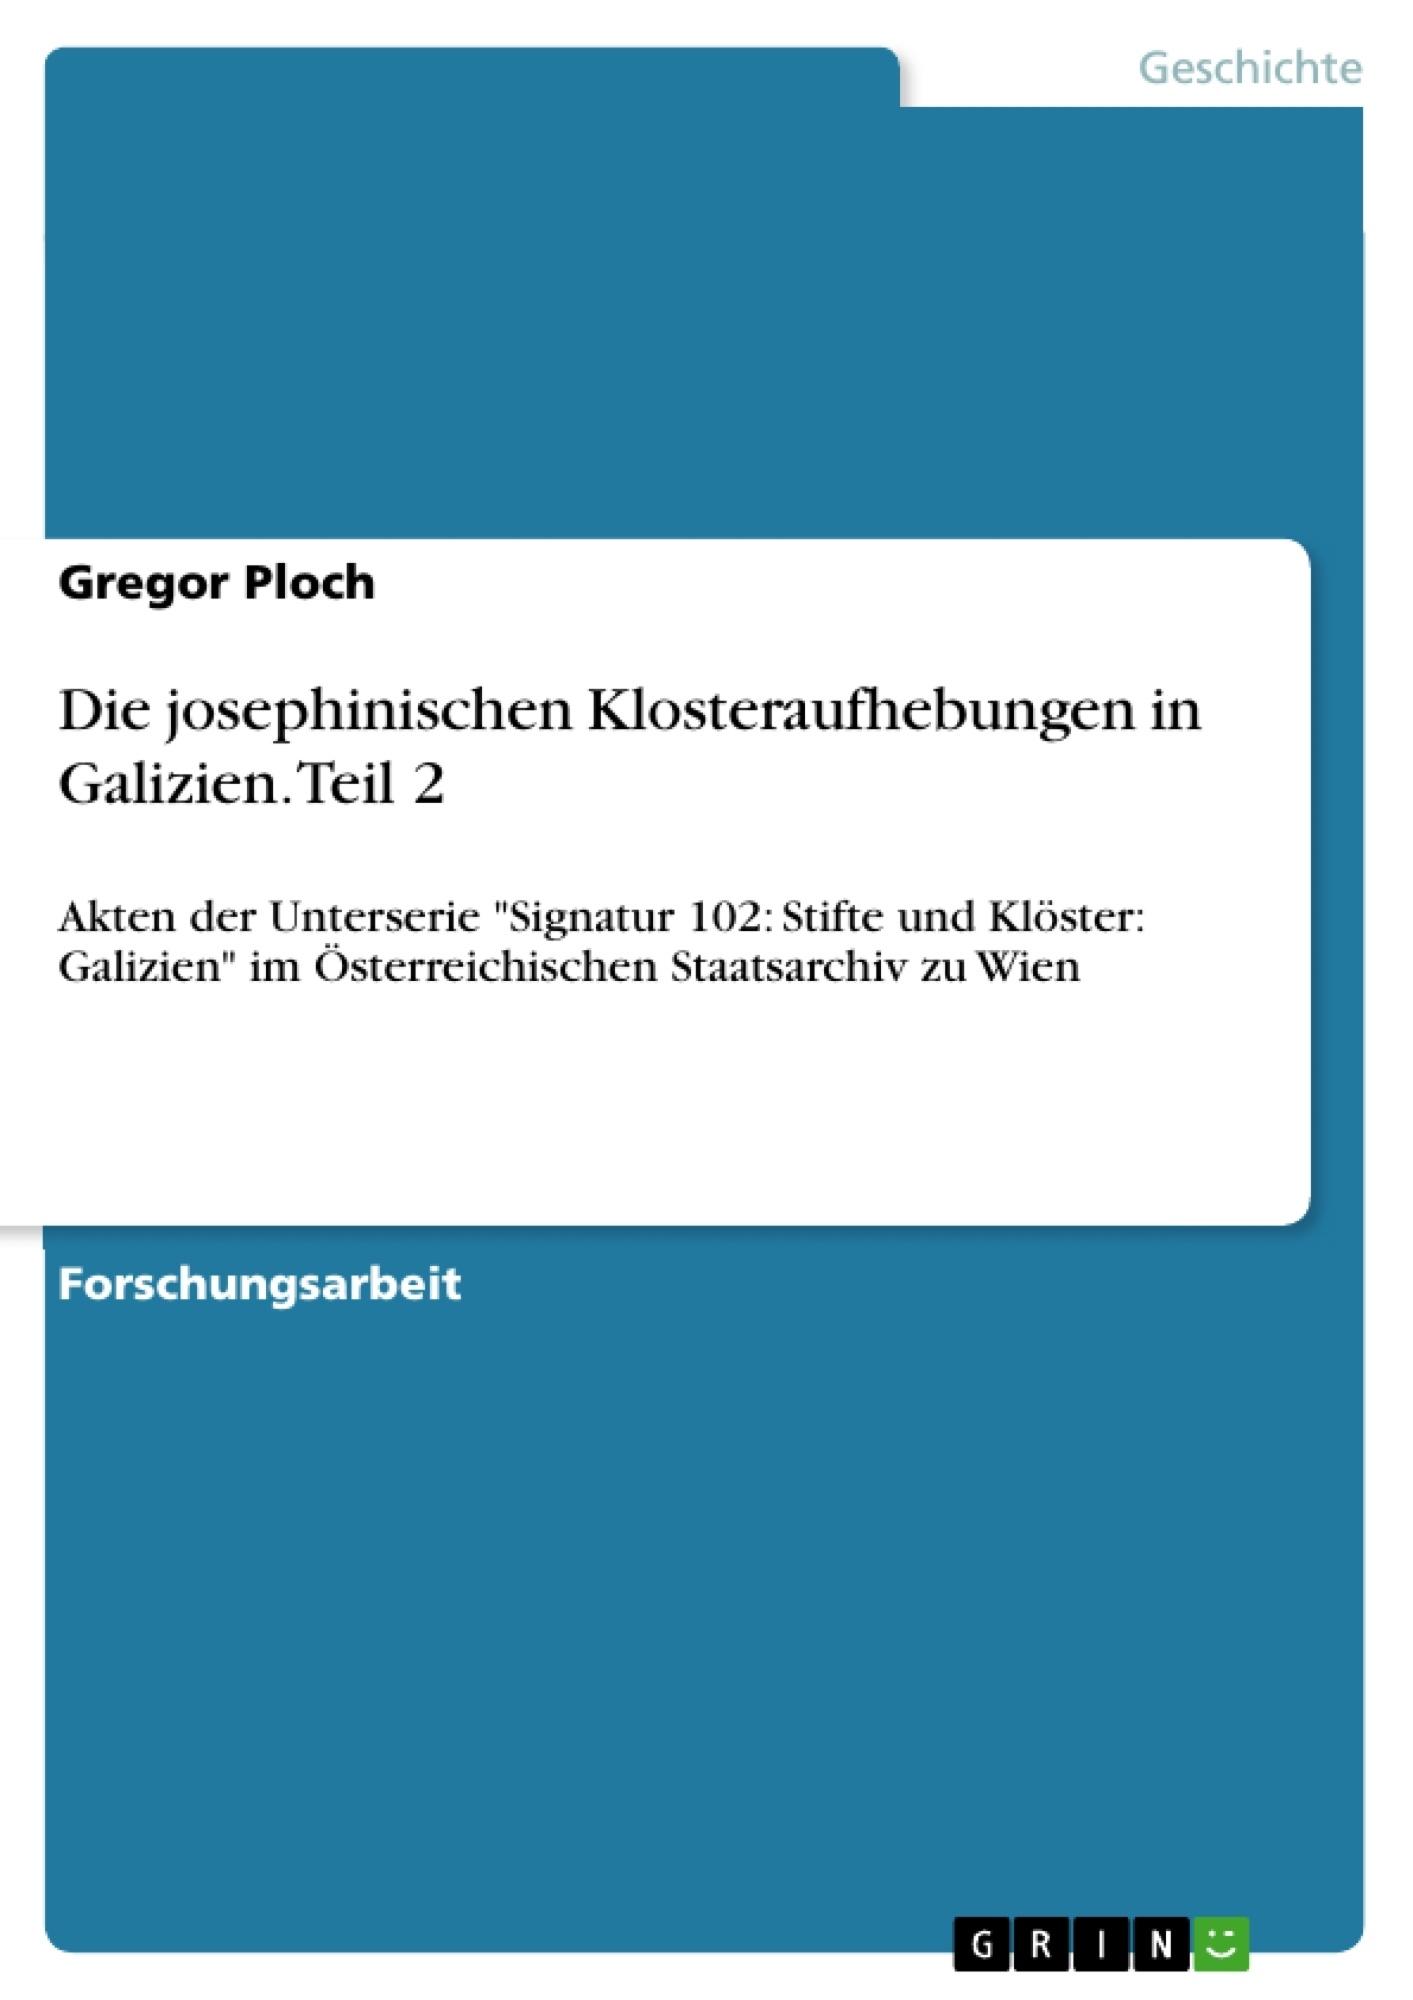 Titel: Die josephinischen Klosteraufhebungen in Galizien. Teil 2